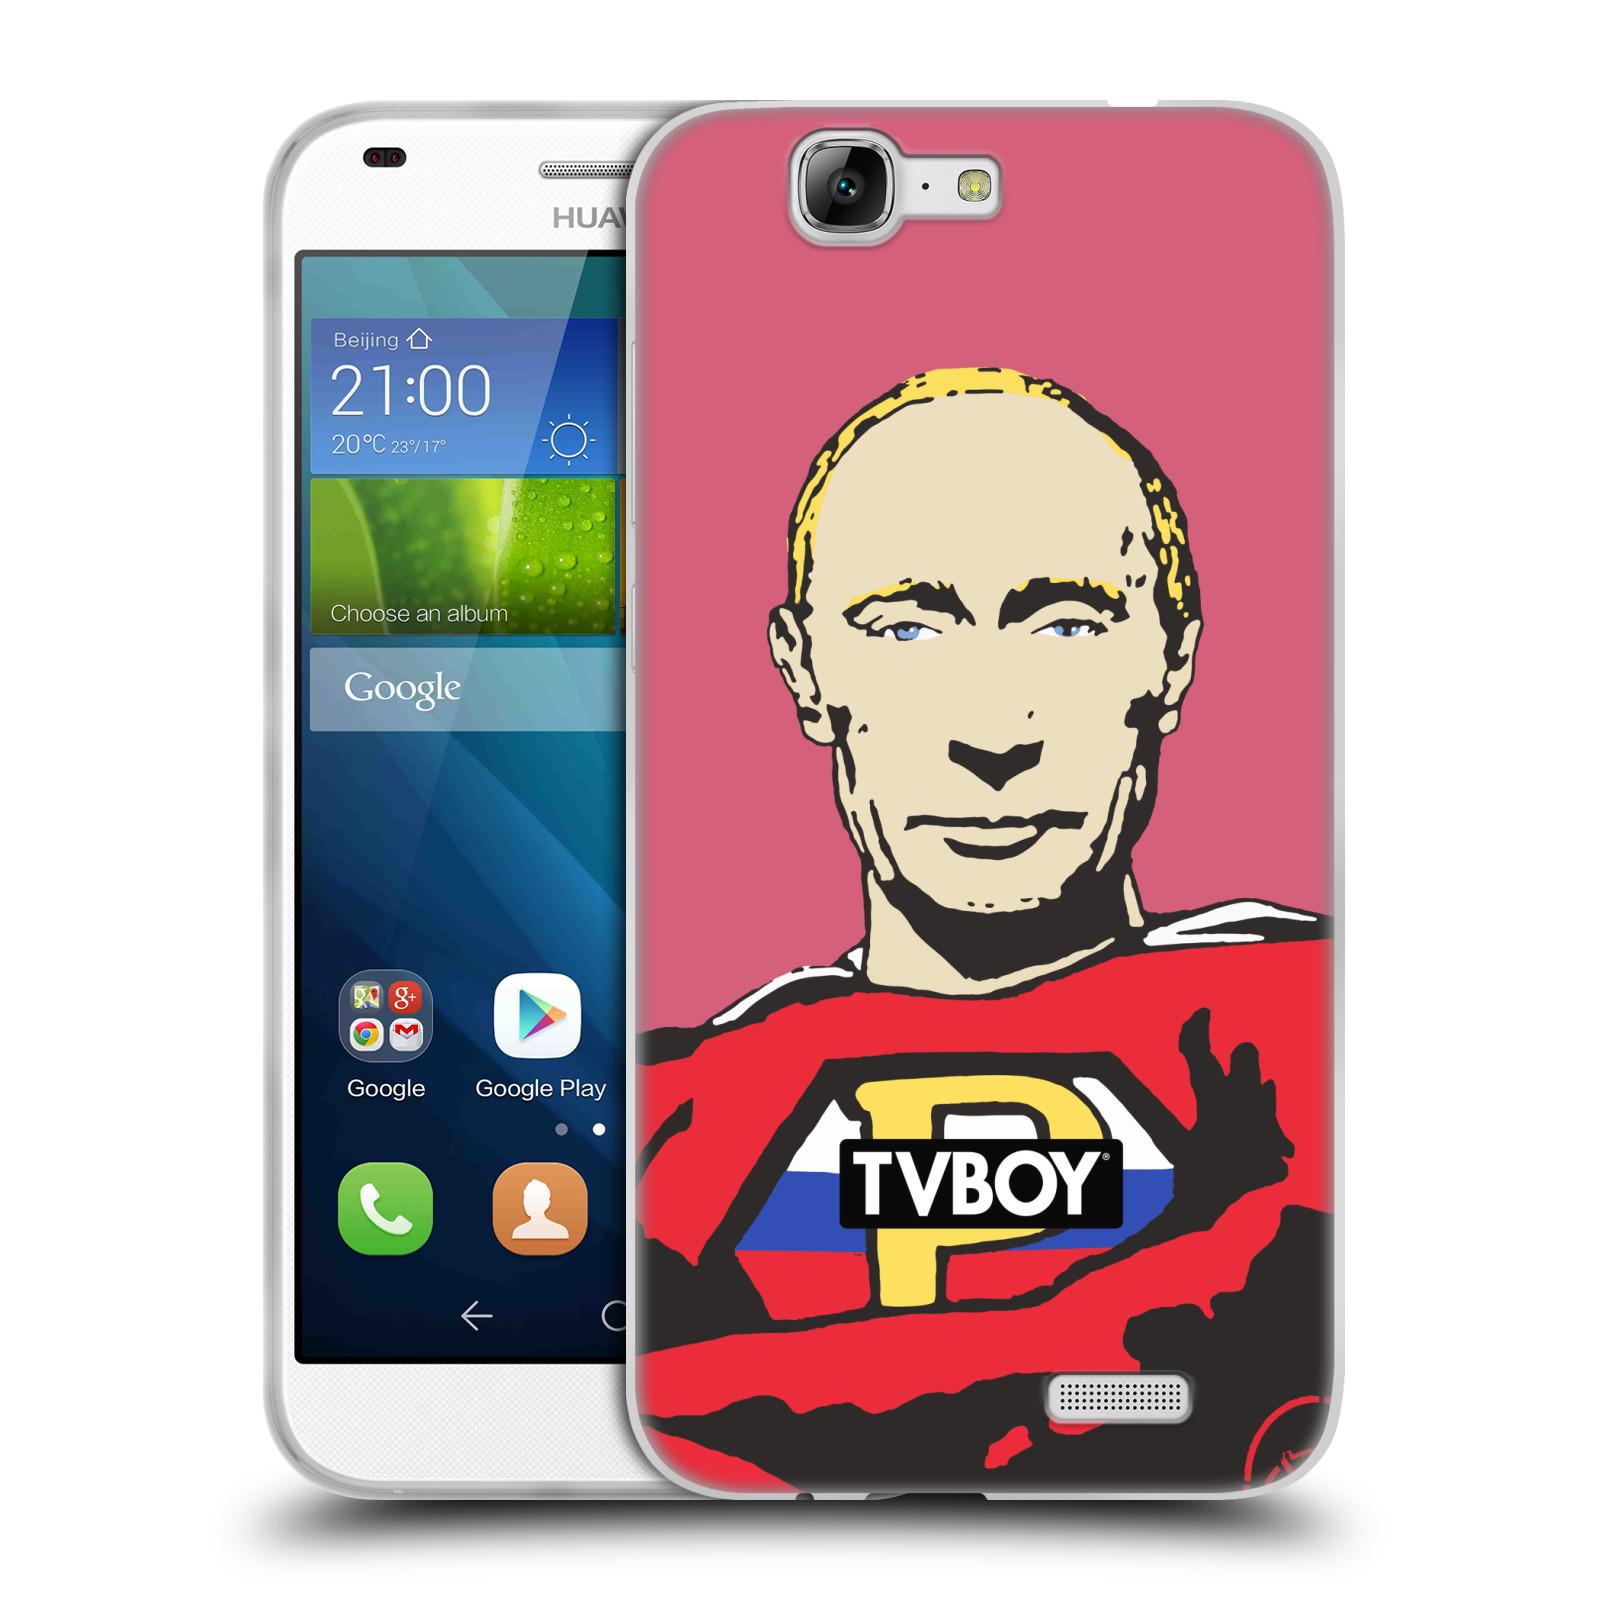 Silikonové pouzdro na mobil Huawei Ascend G7 HEAD CASE - TVBOY - Super Putin (Silikonový kryt či obal na mobilní telefon s licencovaným motivem TVBOY pro Huawei Ascend G7)